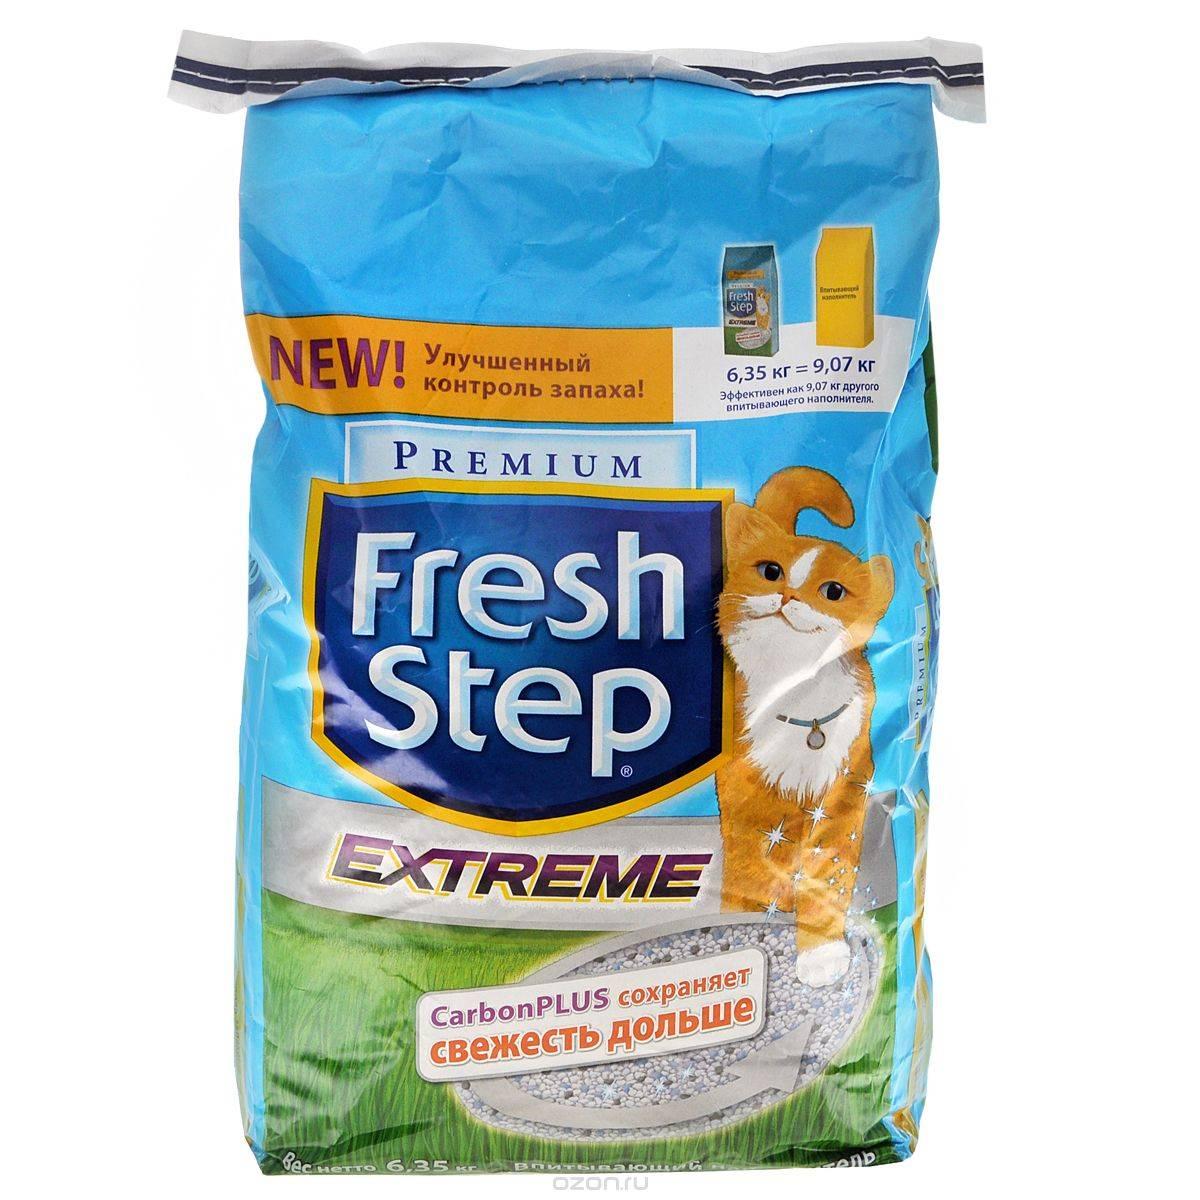 Наполнитель для кошачьего туалета: какой лучше, отзывы, рейтинг